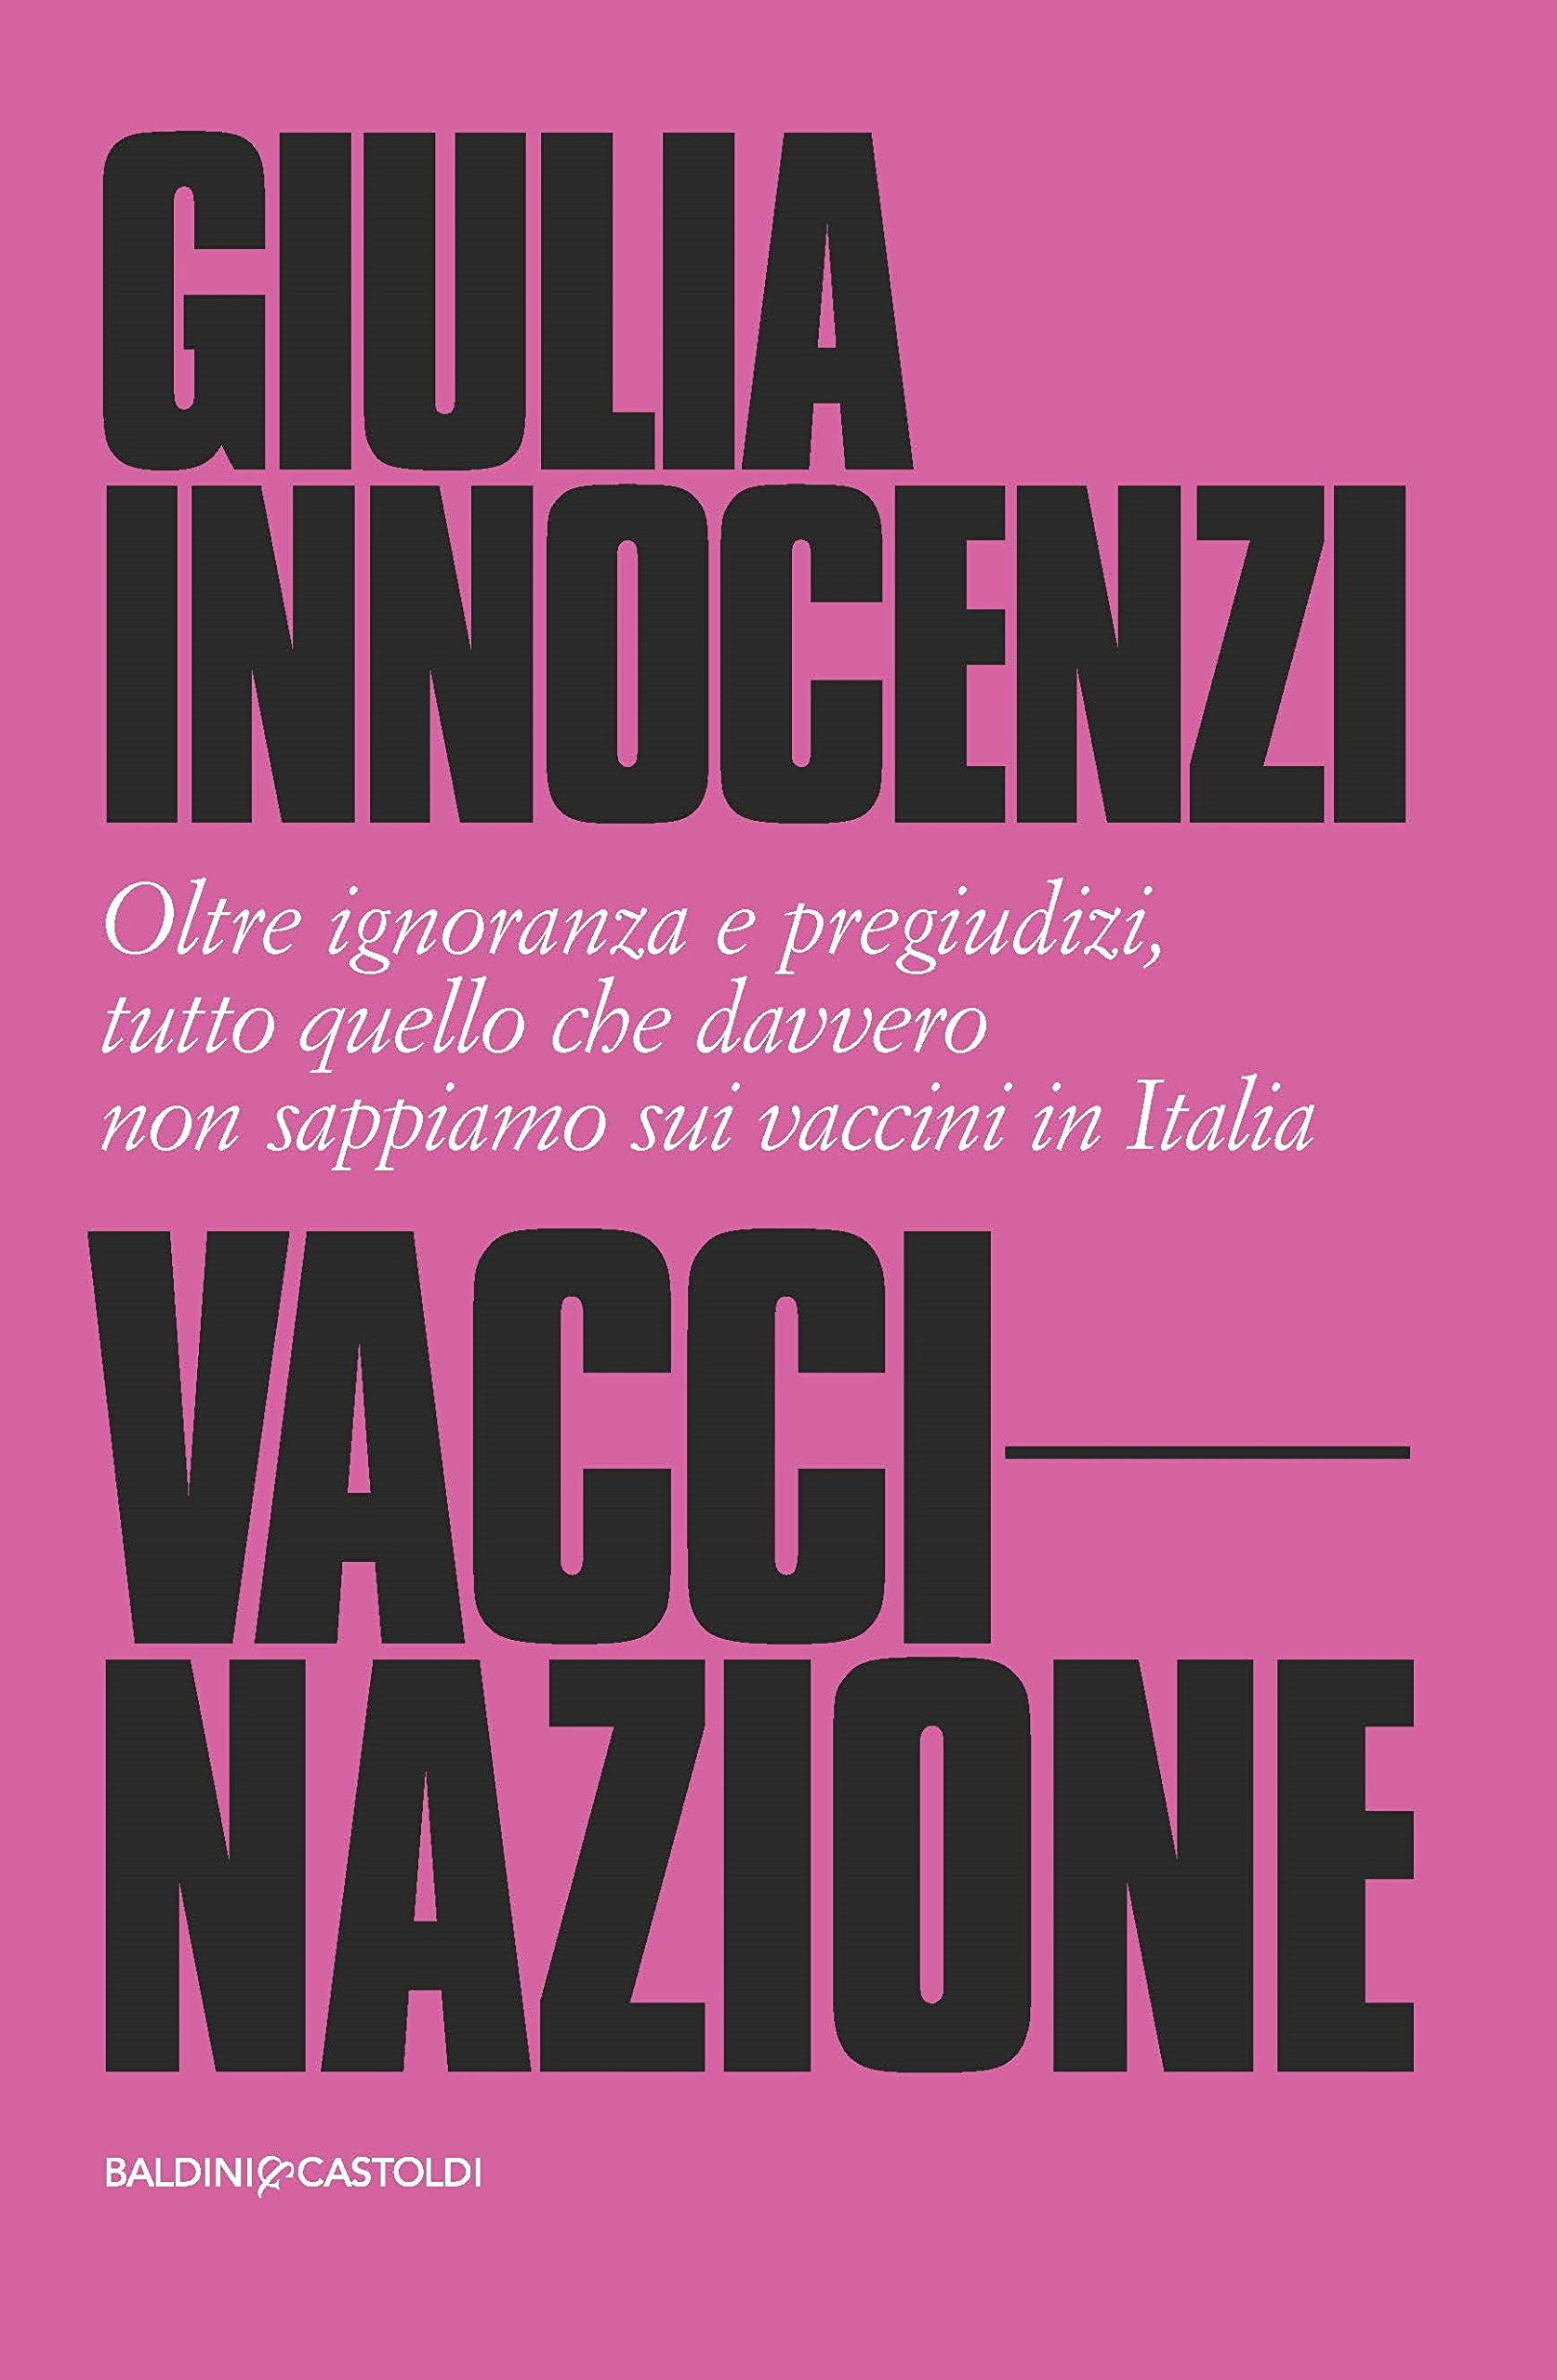 VacciNazione. Oltre ignoranza e pregiudizi, tutto quello che davvero non sappiamo sui vaccini in Italia Copertina rigida – 1 dic 2017 Giulia Innocenzi Baldini + Castoldi 889388061X Dal 2010 al 2020